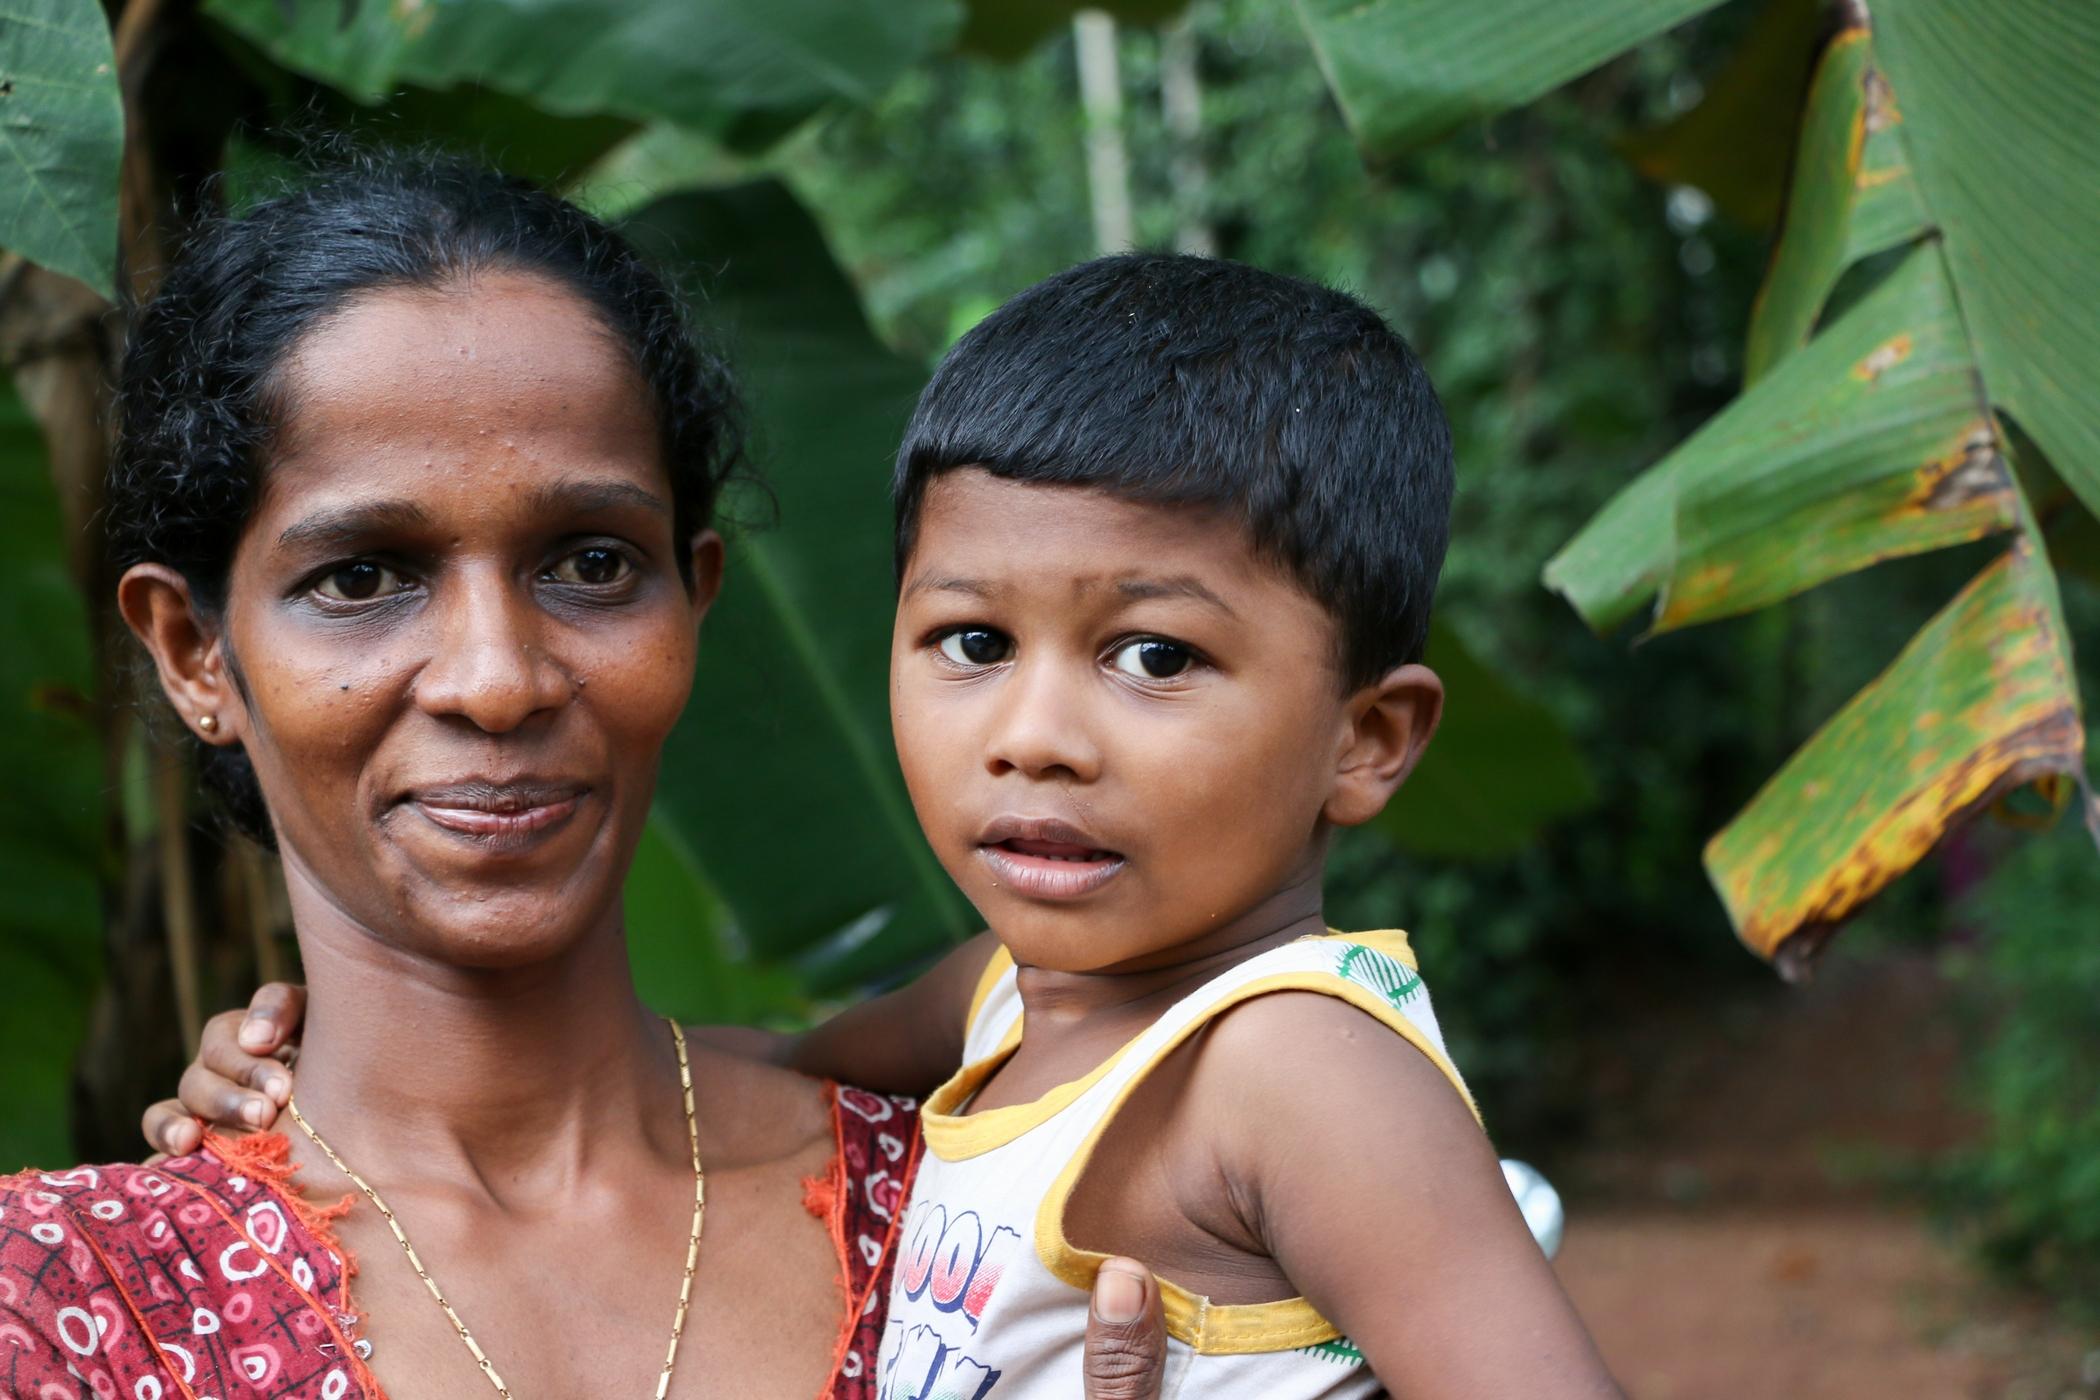 Adozioni a distanza - Un bambino indiano con la mamma